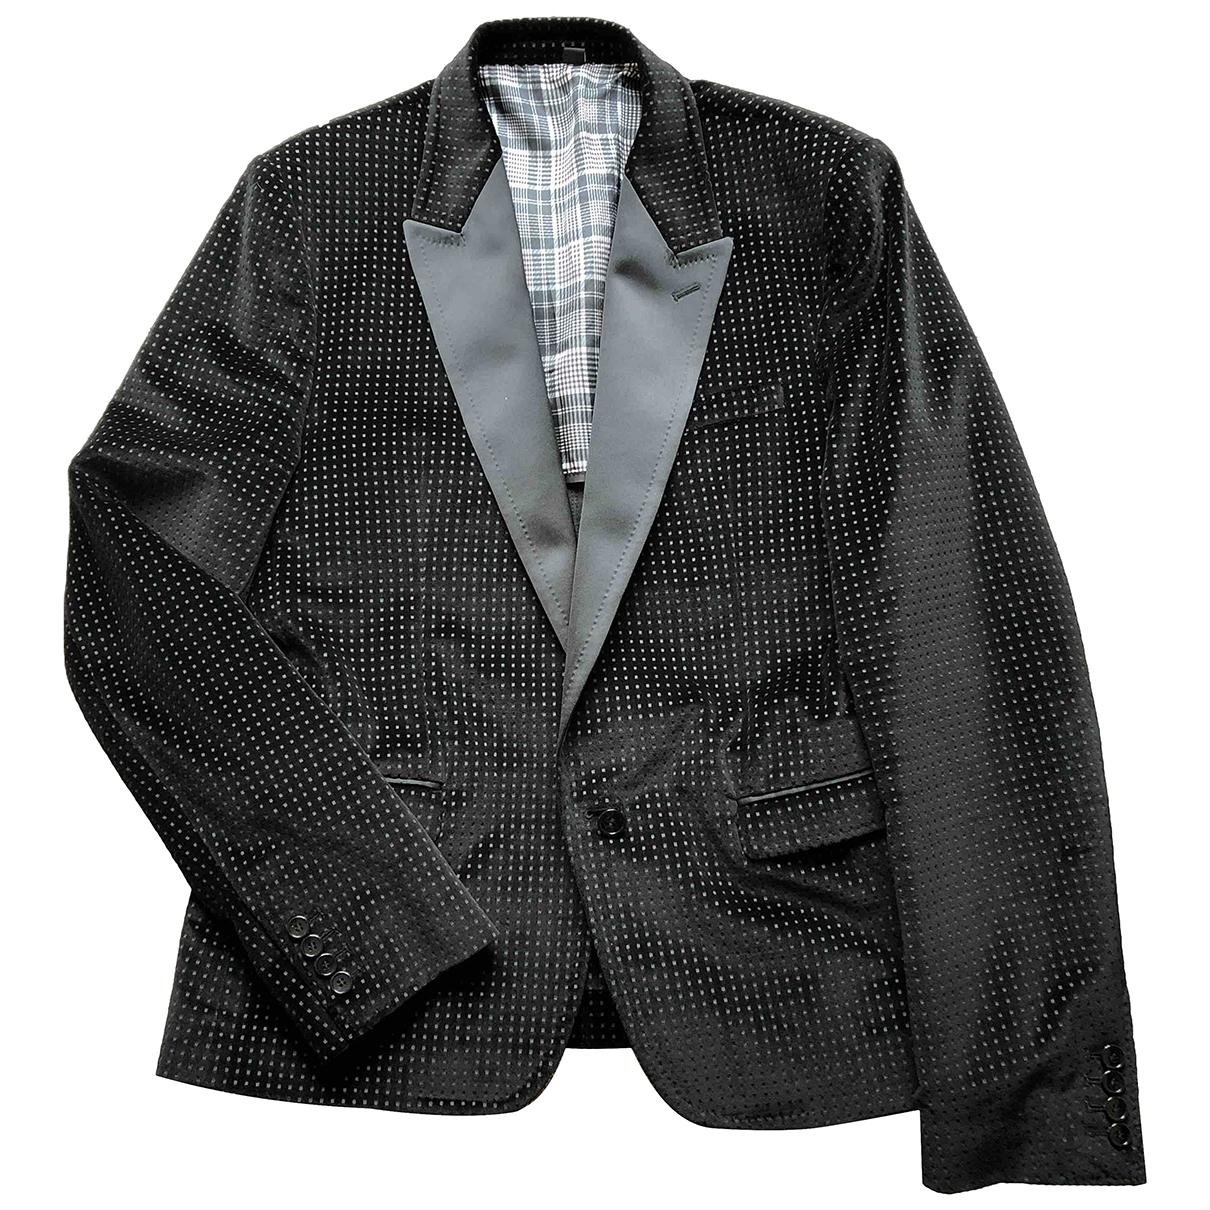 D&g - Vestes.Blousons   pour homme en coton - noir